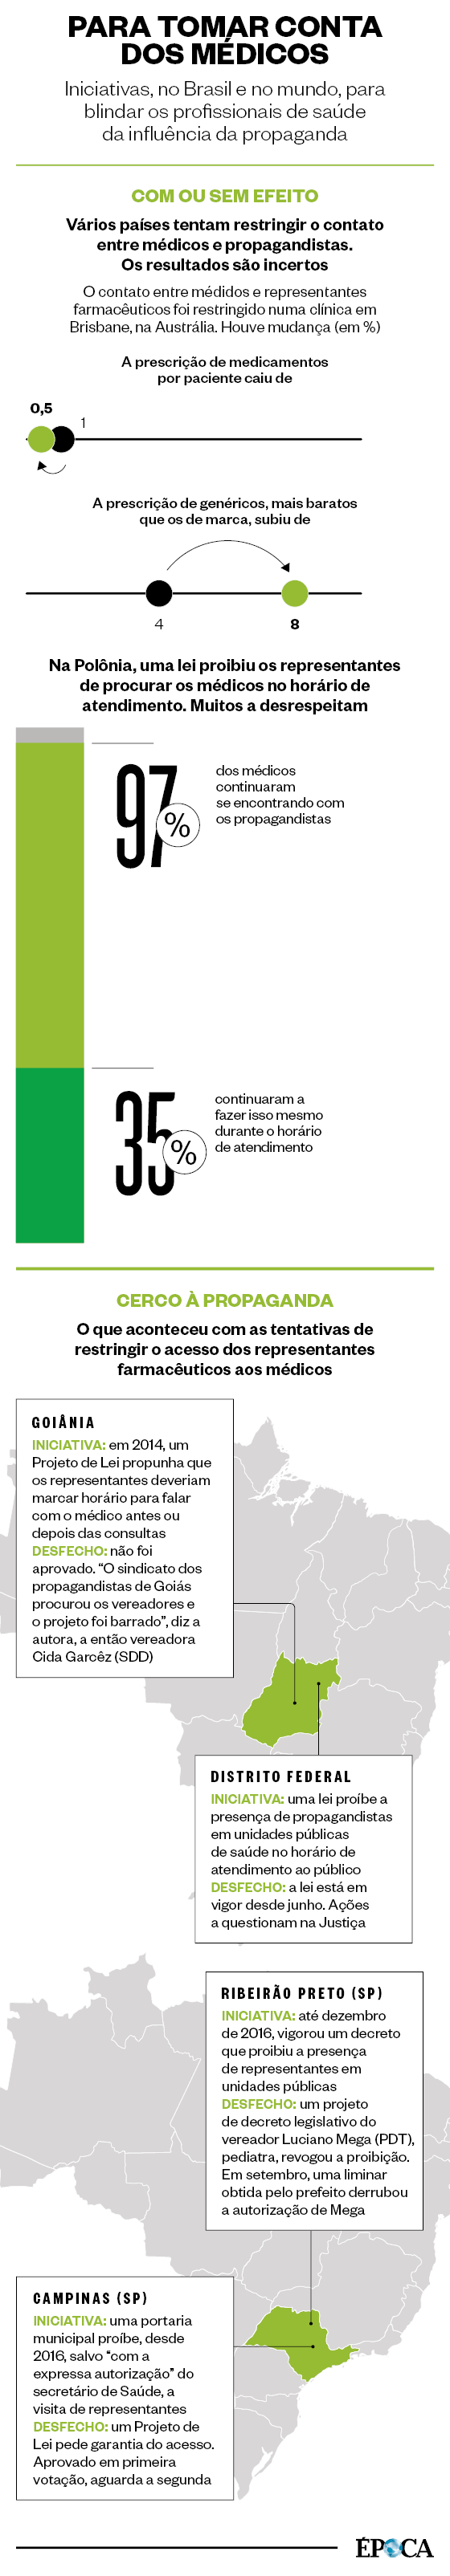 PARA TOMAR CONTA DOS MÉDICOS Iniciativas, no Brasil e no mundo, para blindar os profissionais de saúde da influência da propaganda (Foto: Revista ÉPOCA)